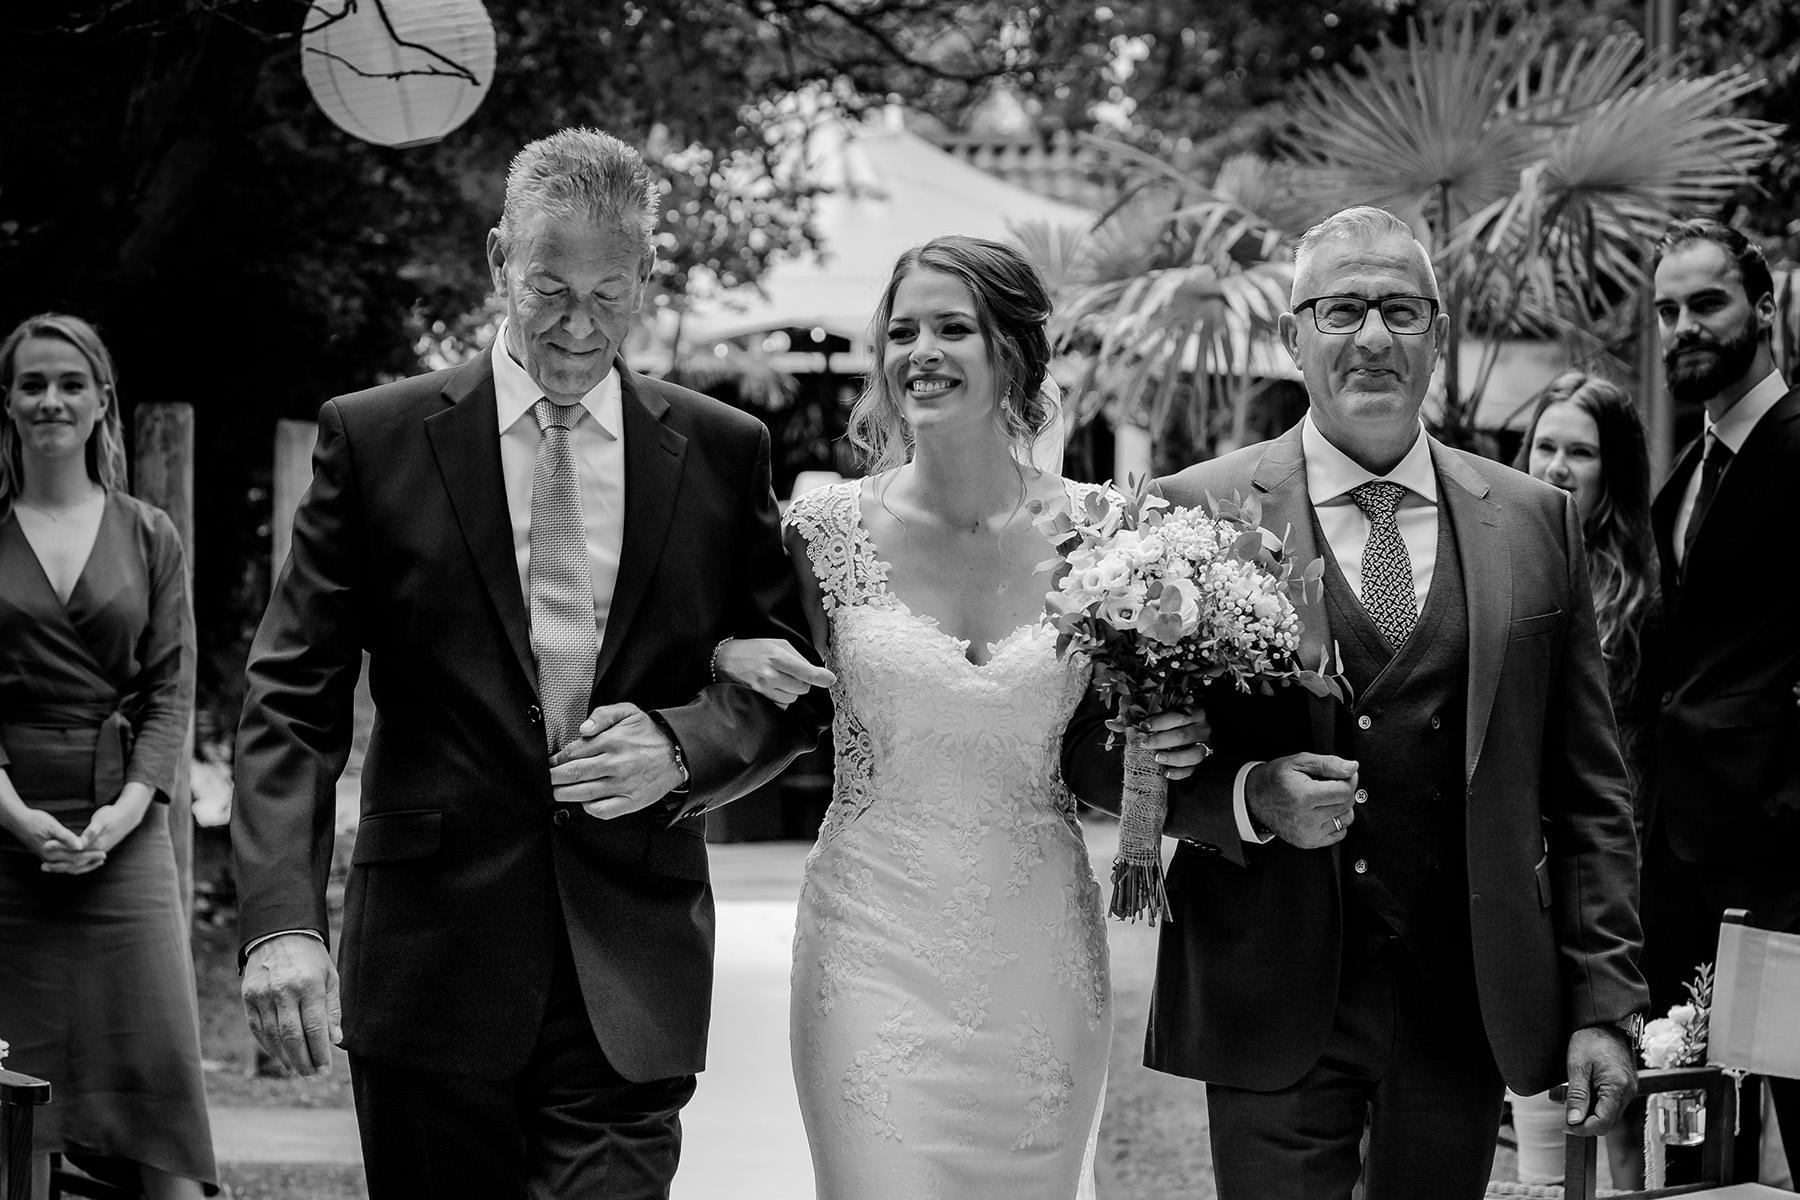 Vader van de bruid | Wegeefmoment | Trouwceremonie | Vaders op bruiloften